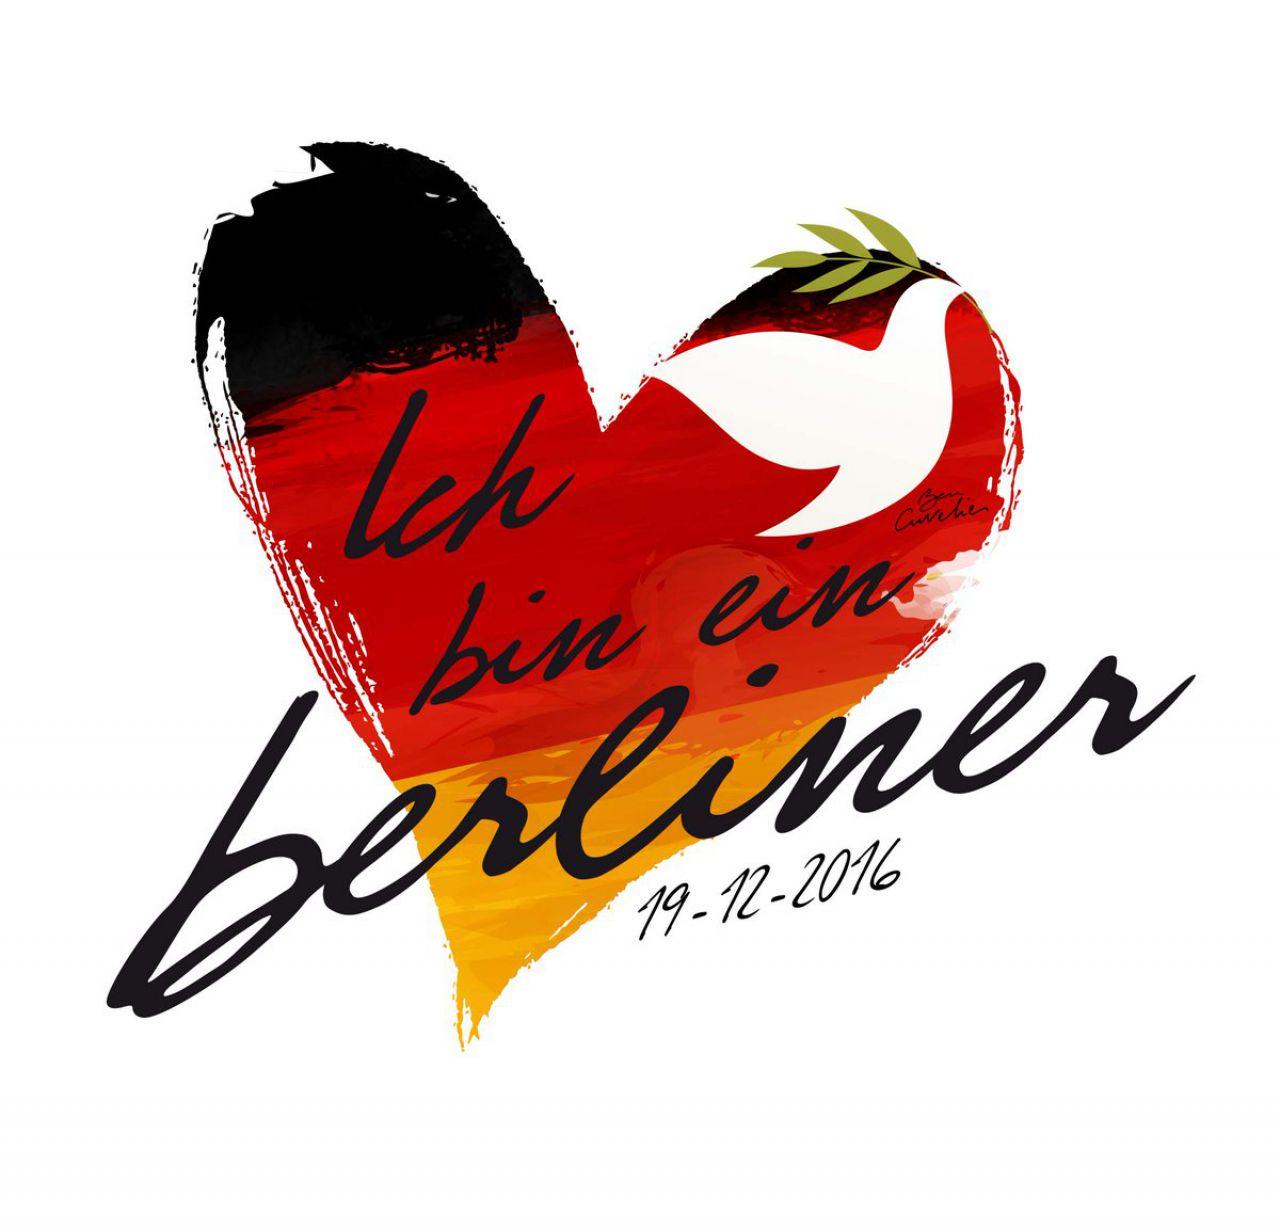 ich-bin-berliner.jpg